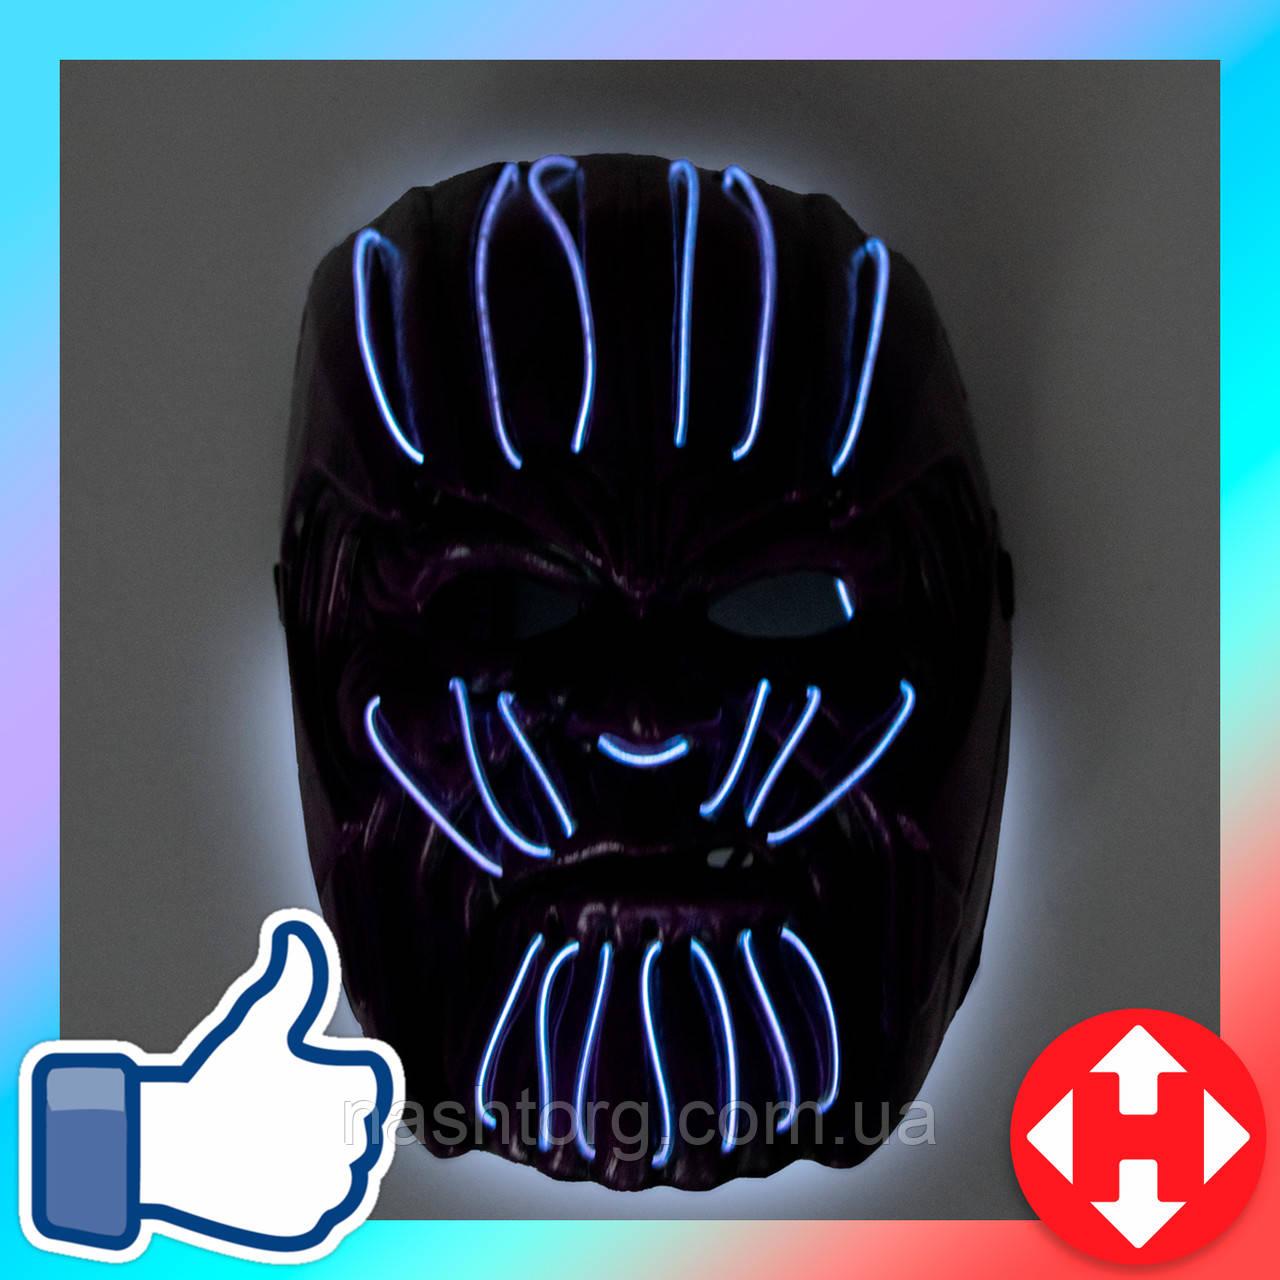 """Маска на Halloween злодея """"Таноса"""" белая, детская страшная маска на лицо светодиодная"""